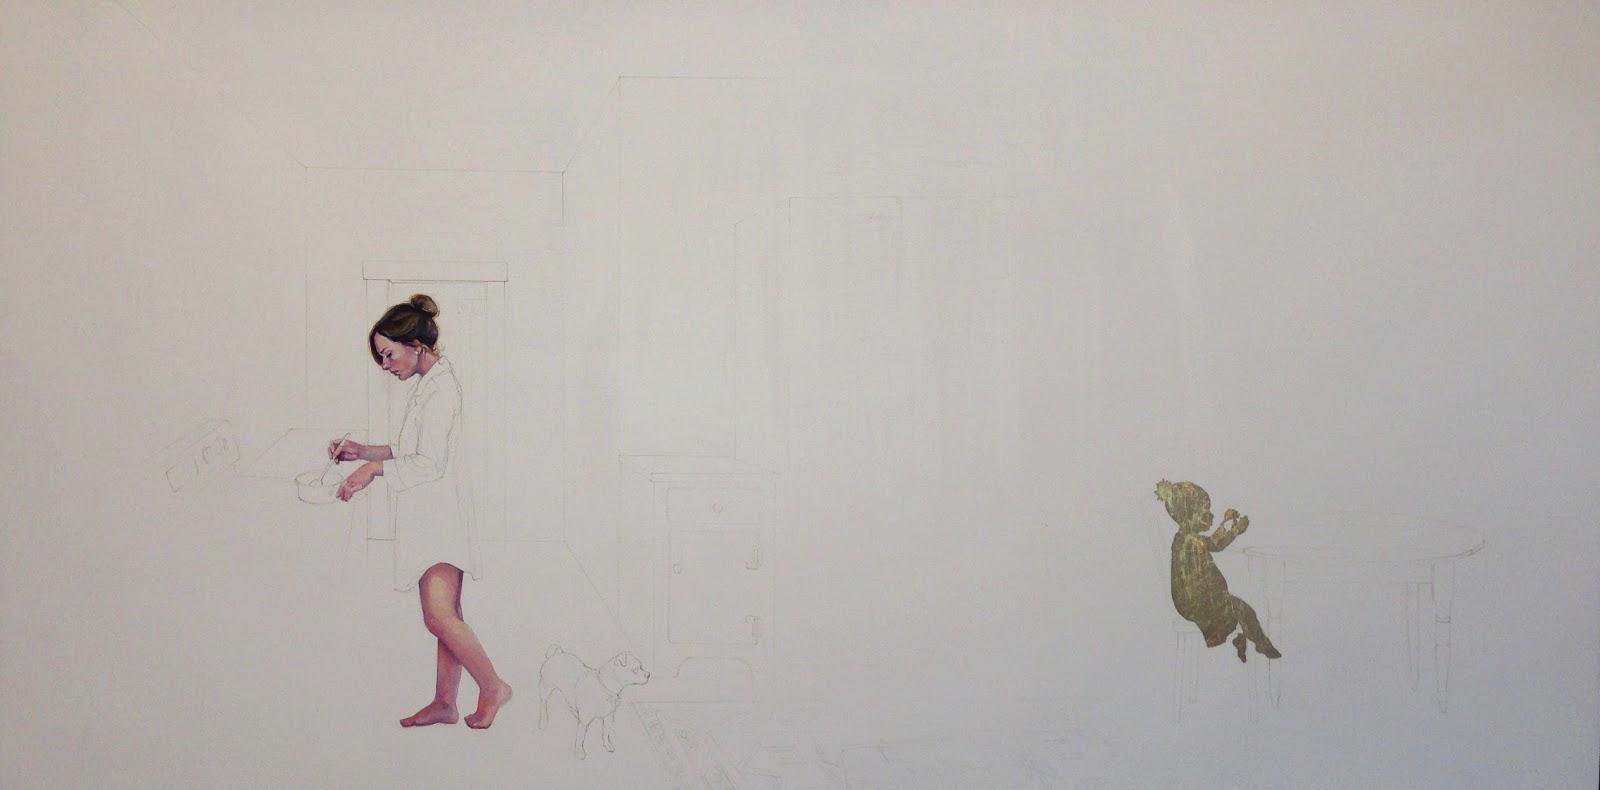 Waiting – Elyse V. Kotakis